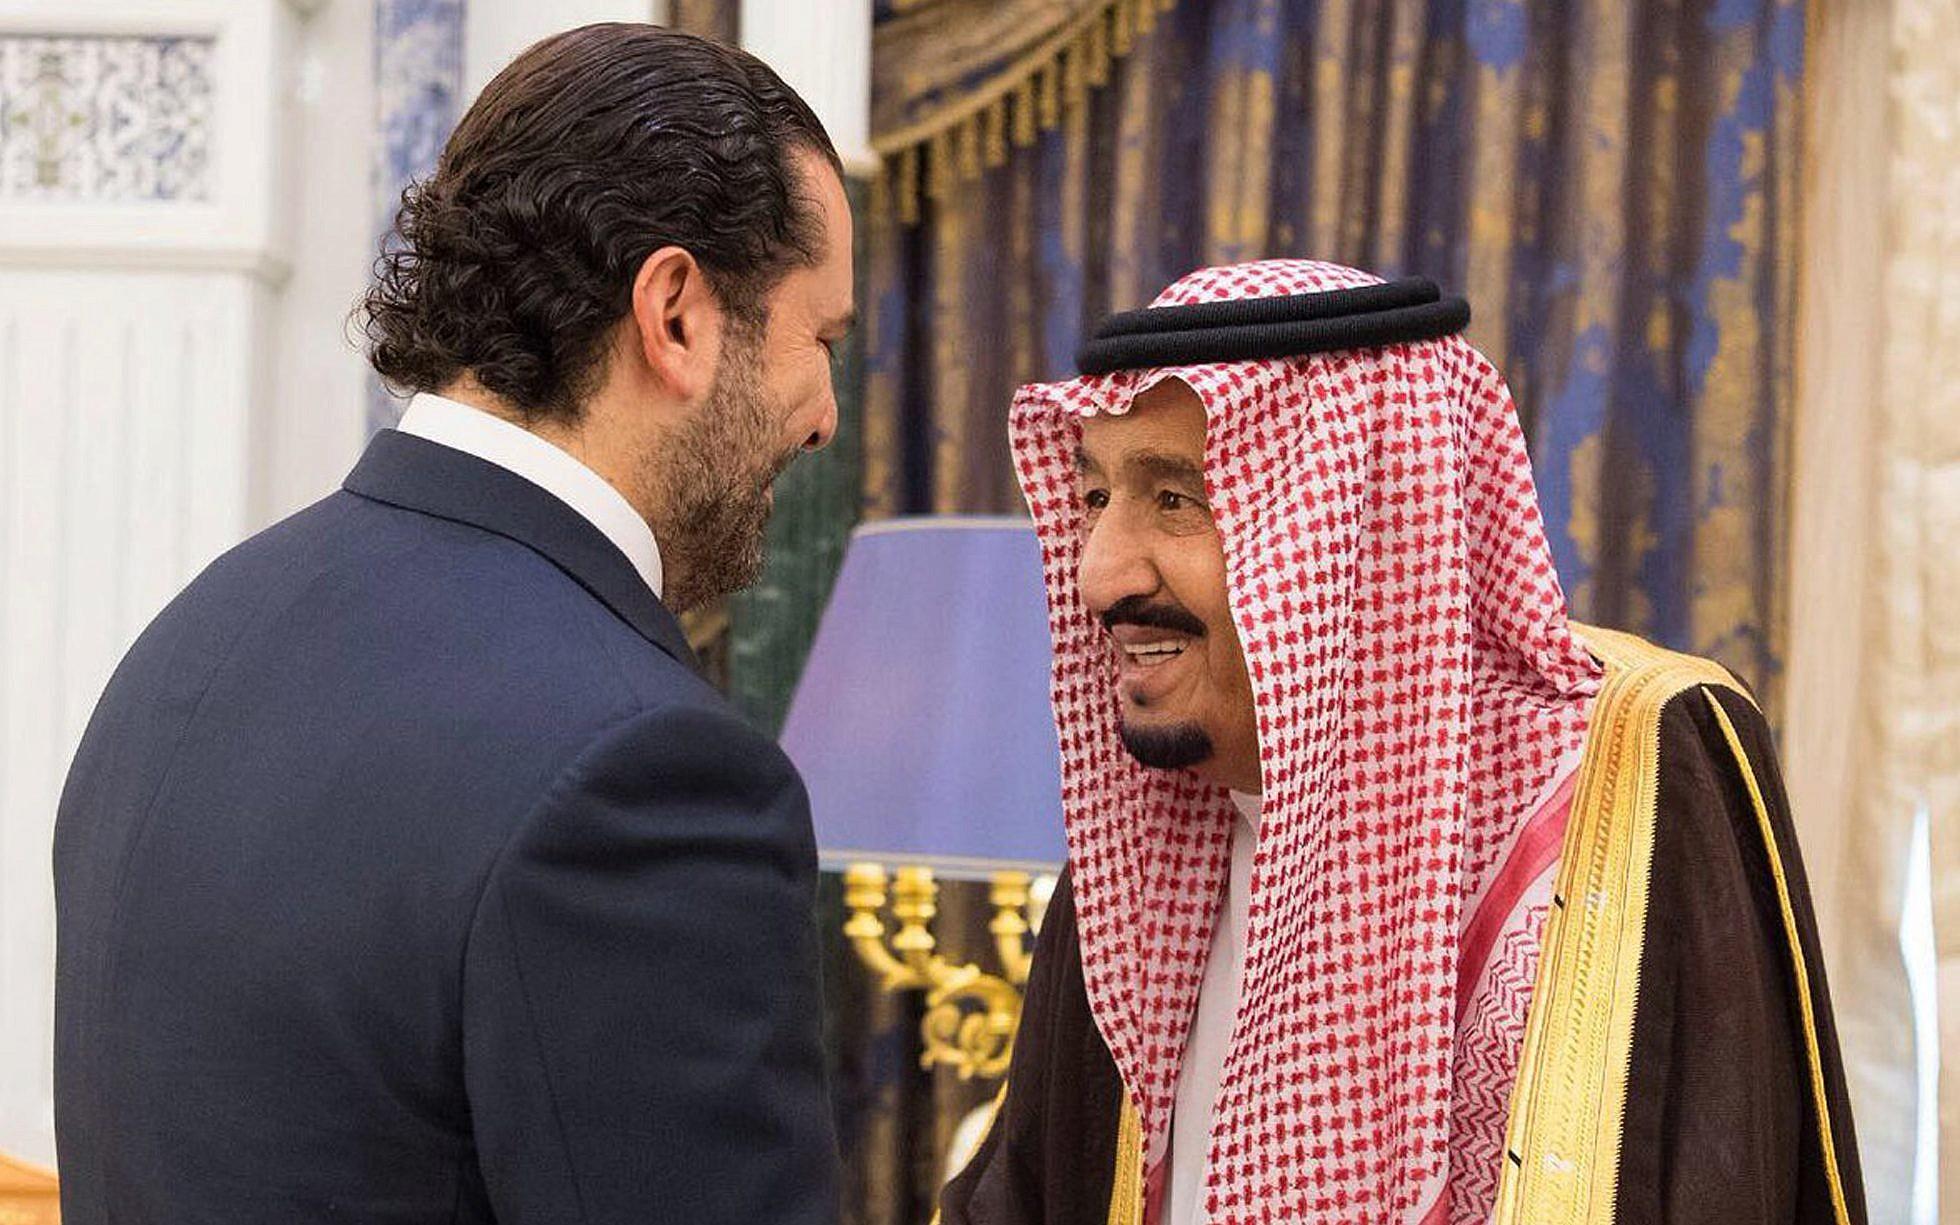 Lebanese prime minister Hariri resigns